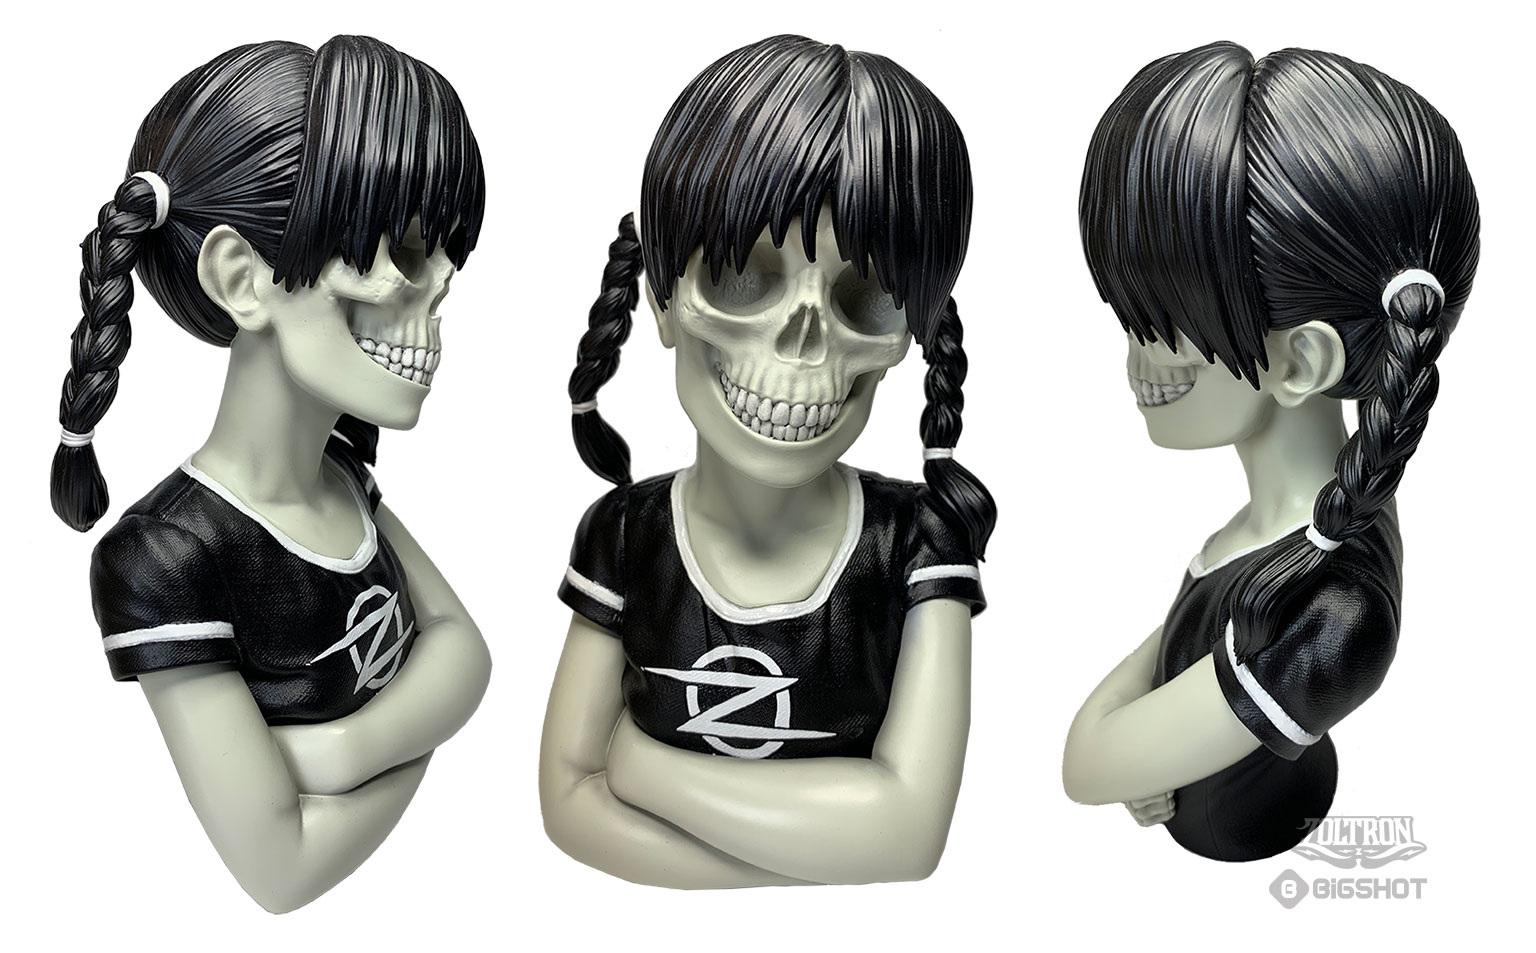 Sue-Nami-Zoltron-Sculpture-Black2_1536.jpg